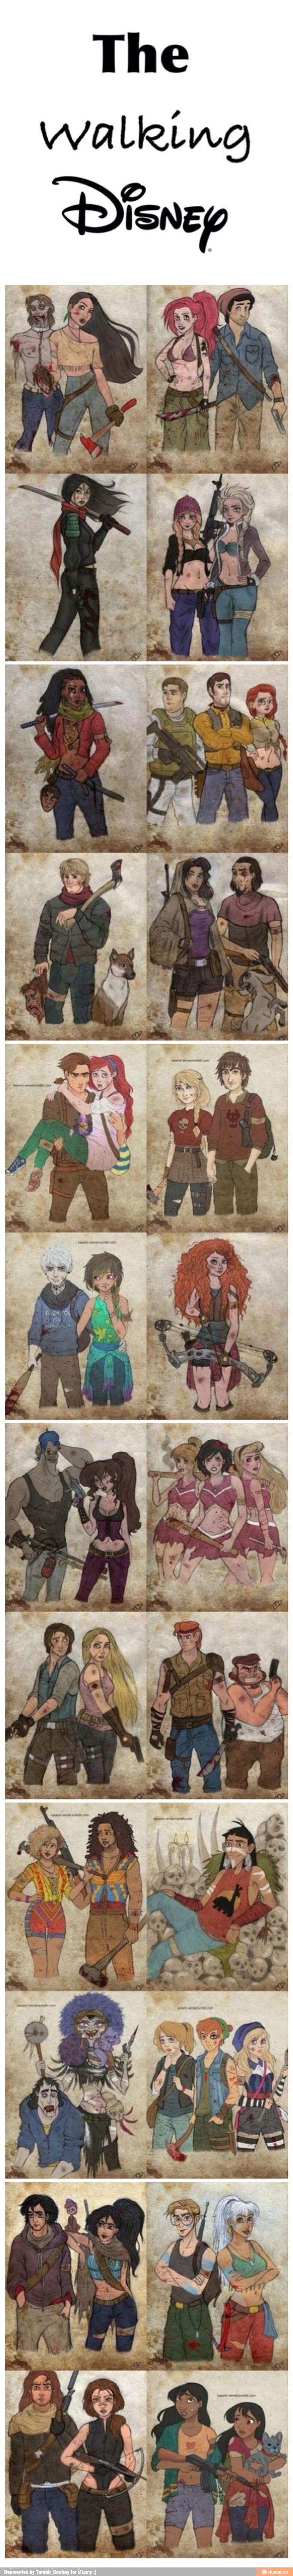 Disney/ Dreamworks The Walking Dead